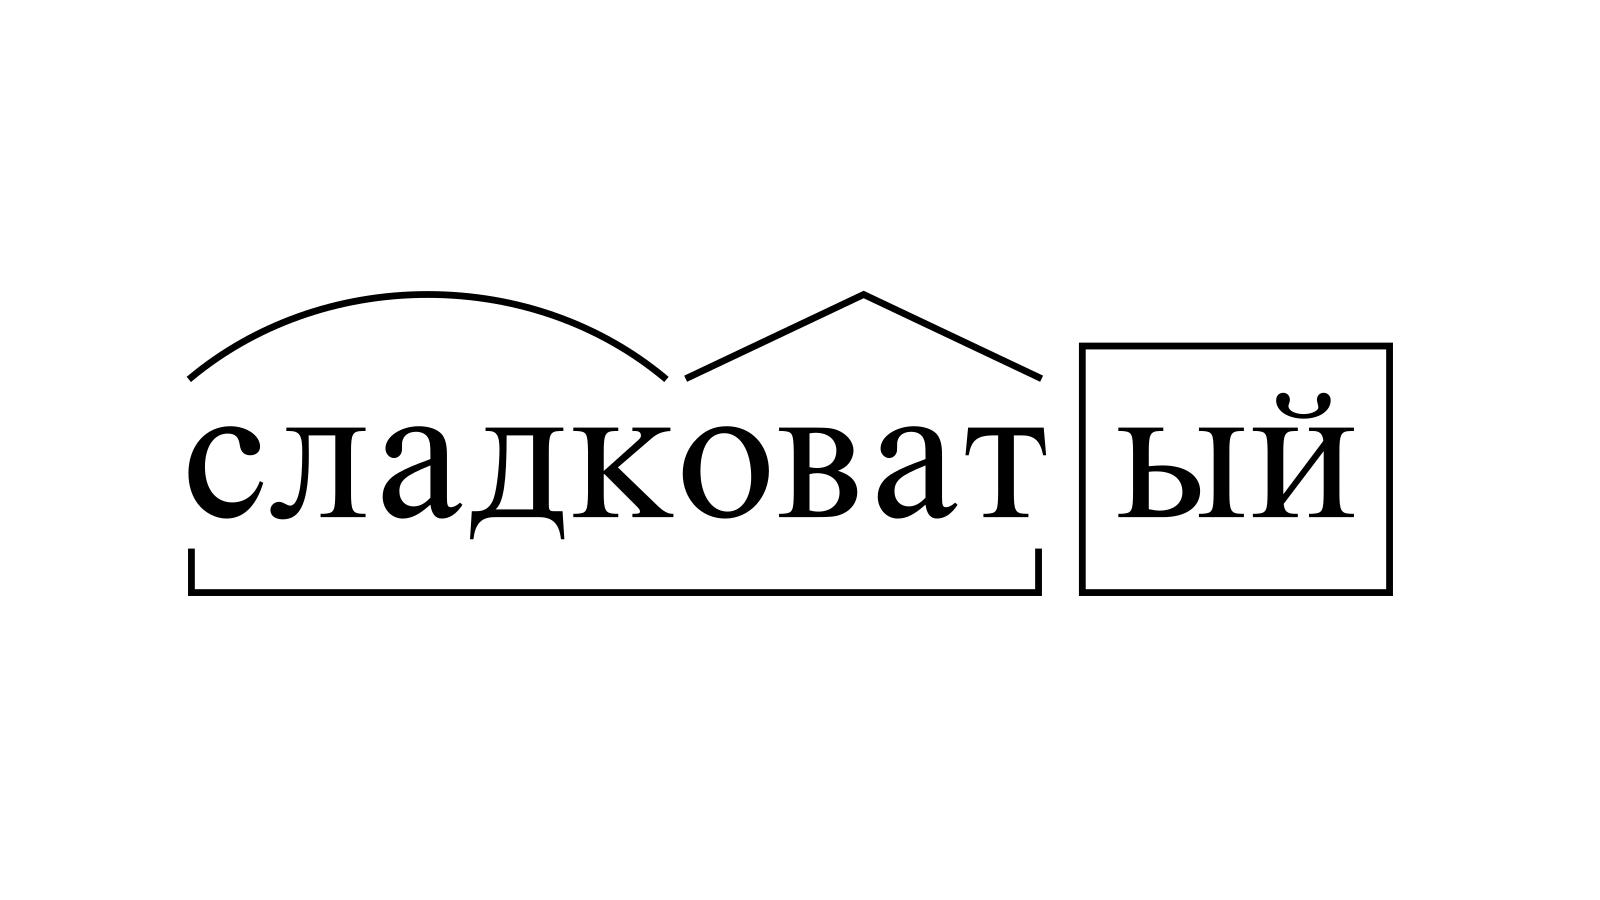 Разбор слова «сладковатый» по составу